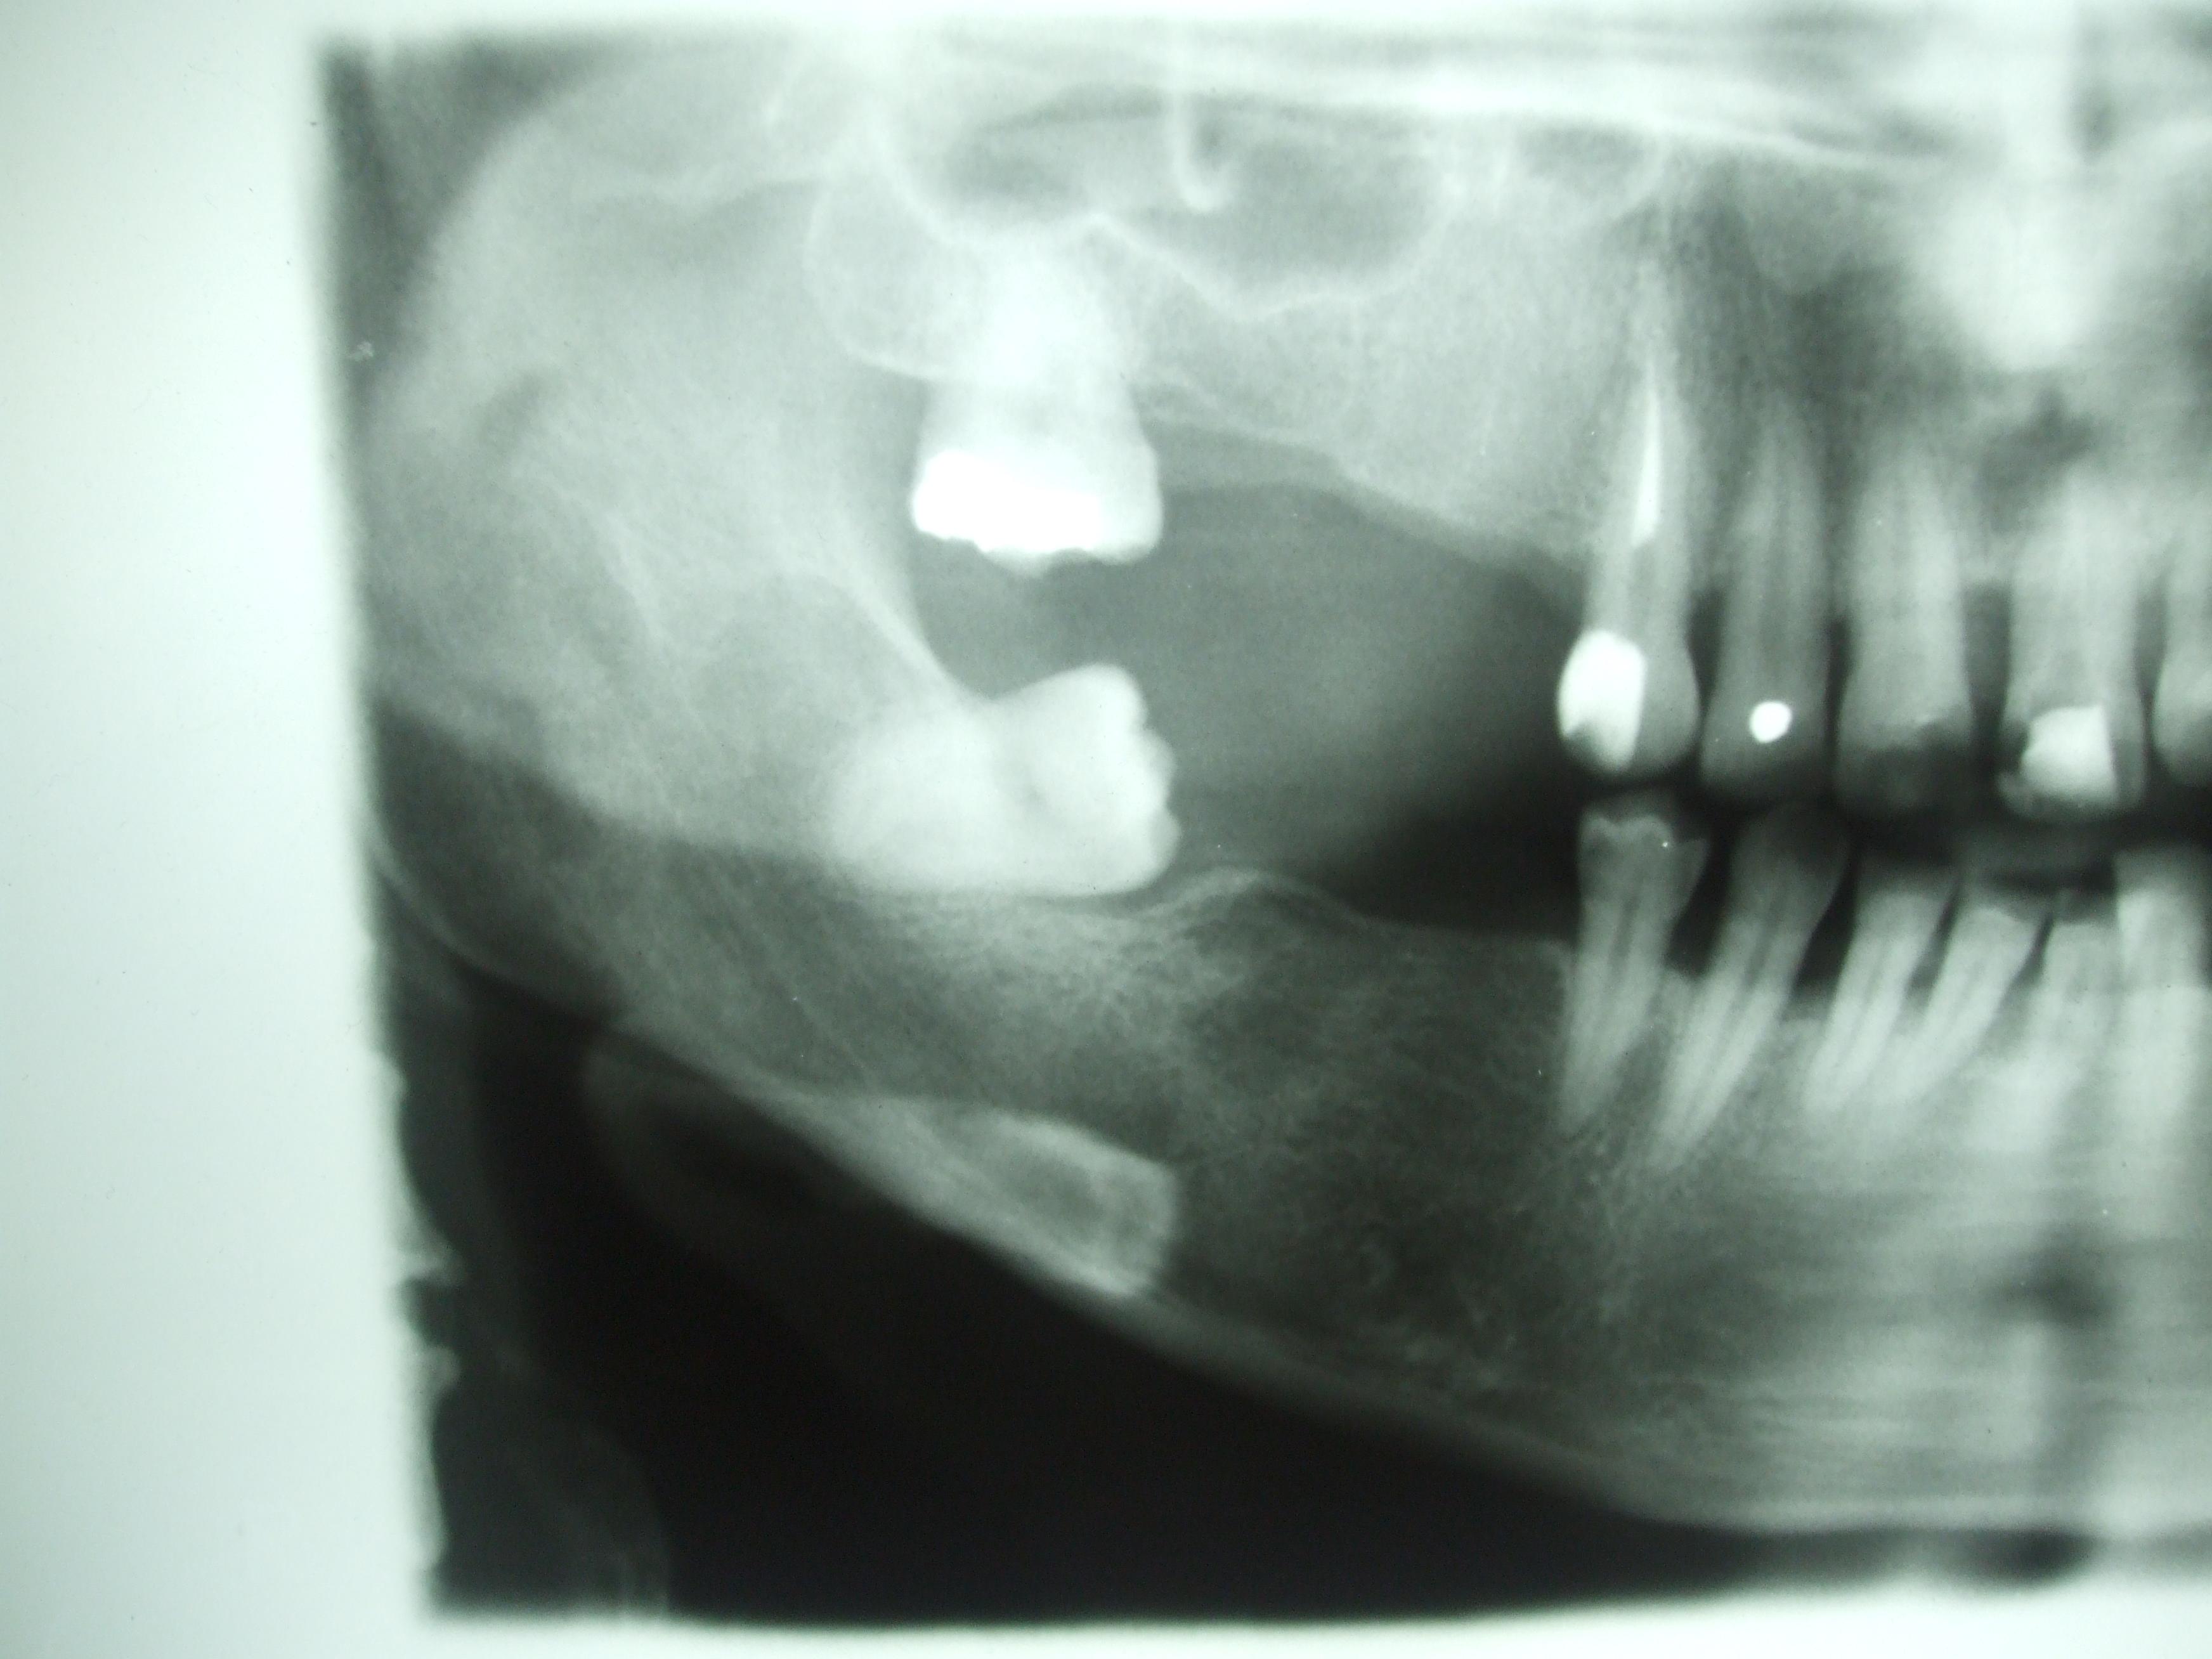 Estrazione di un dente del giudizio inferiore con Sonosurgery